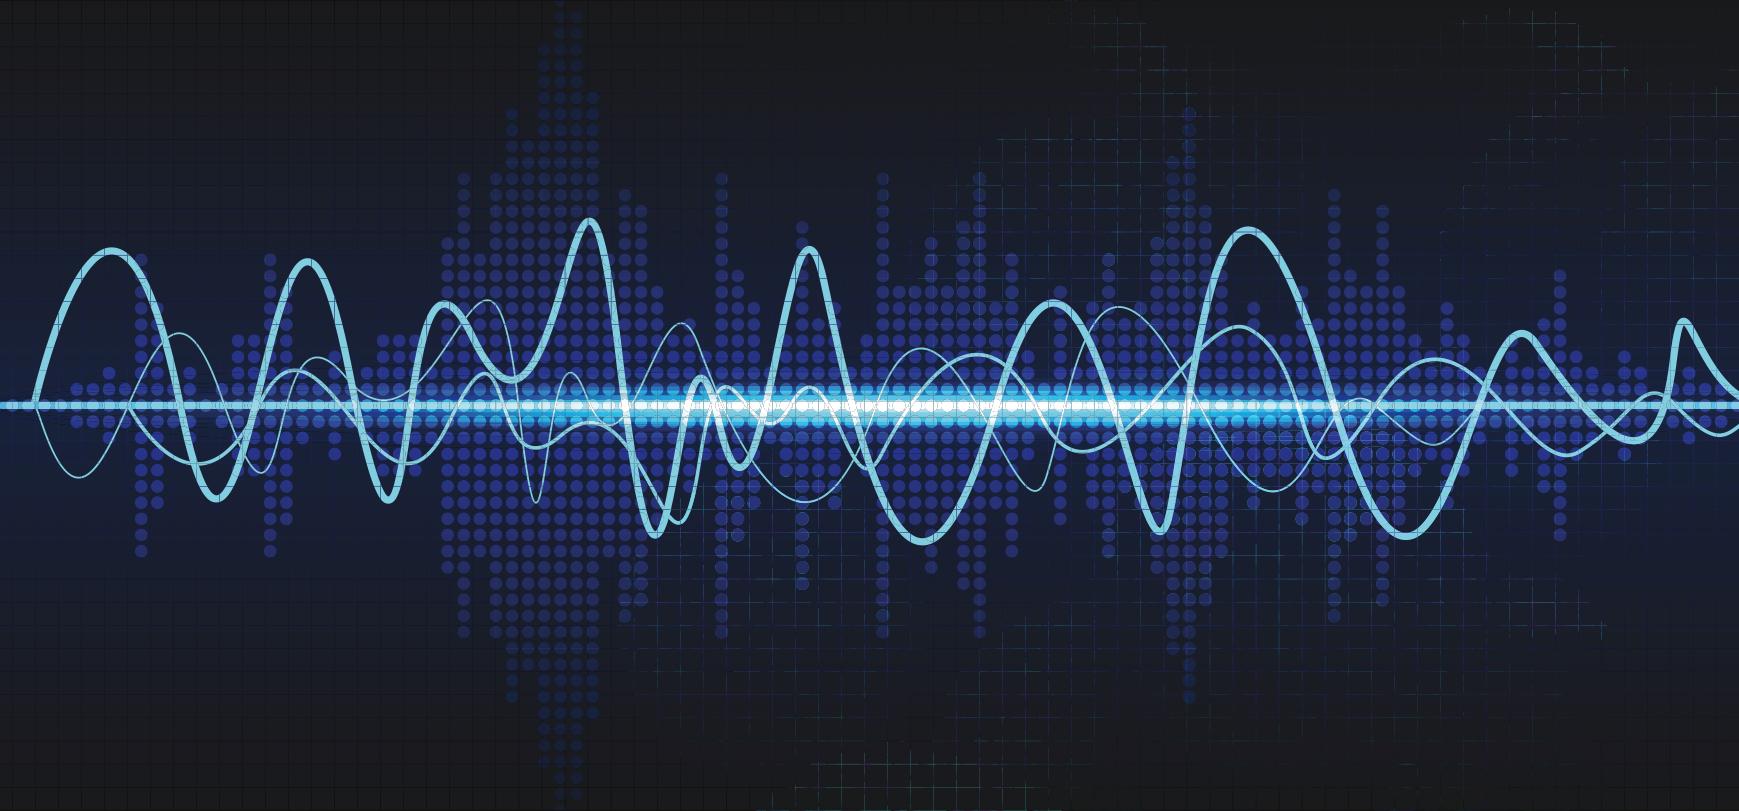 Blogue - Fatigue auditive et acouphène - Lobe